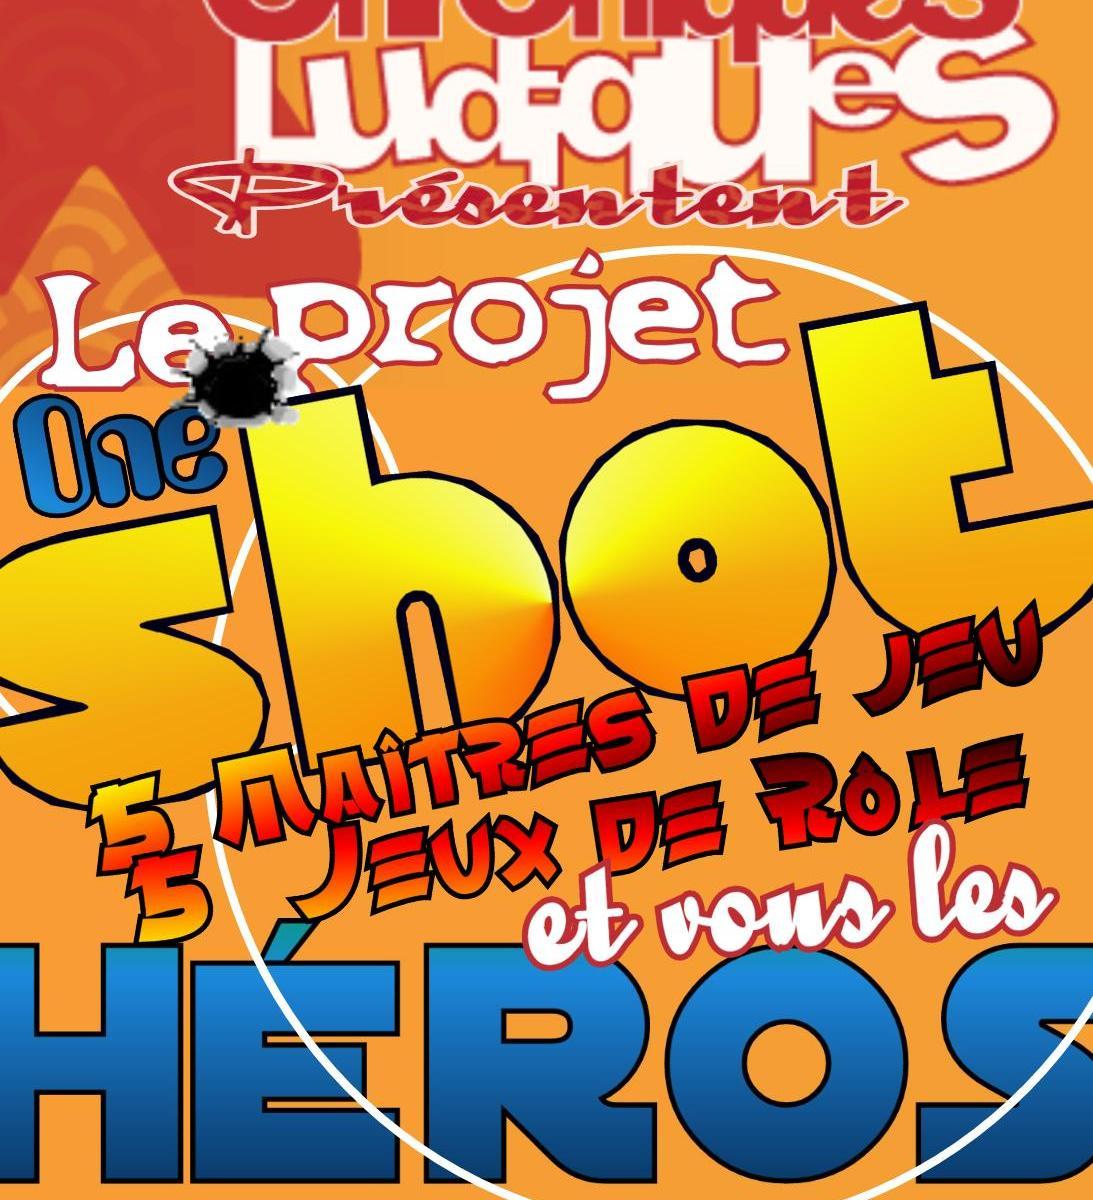 Le projet One Shot